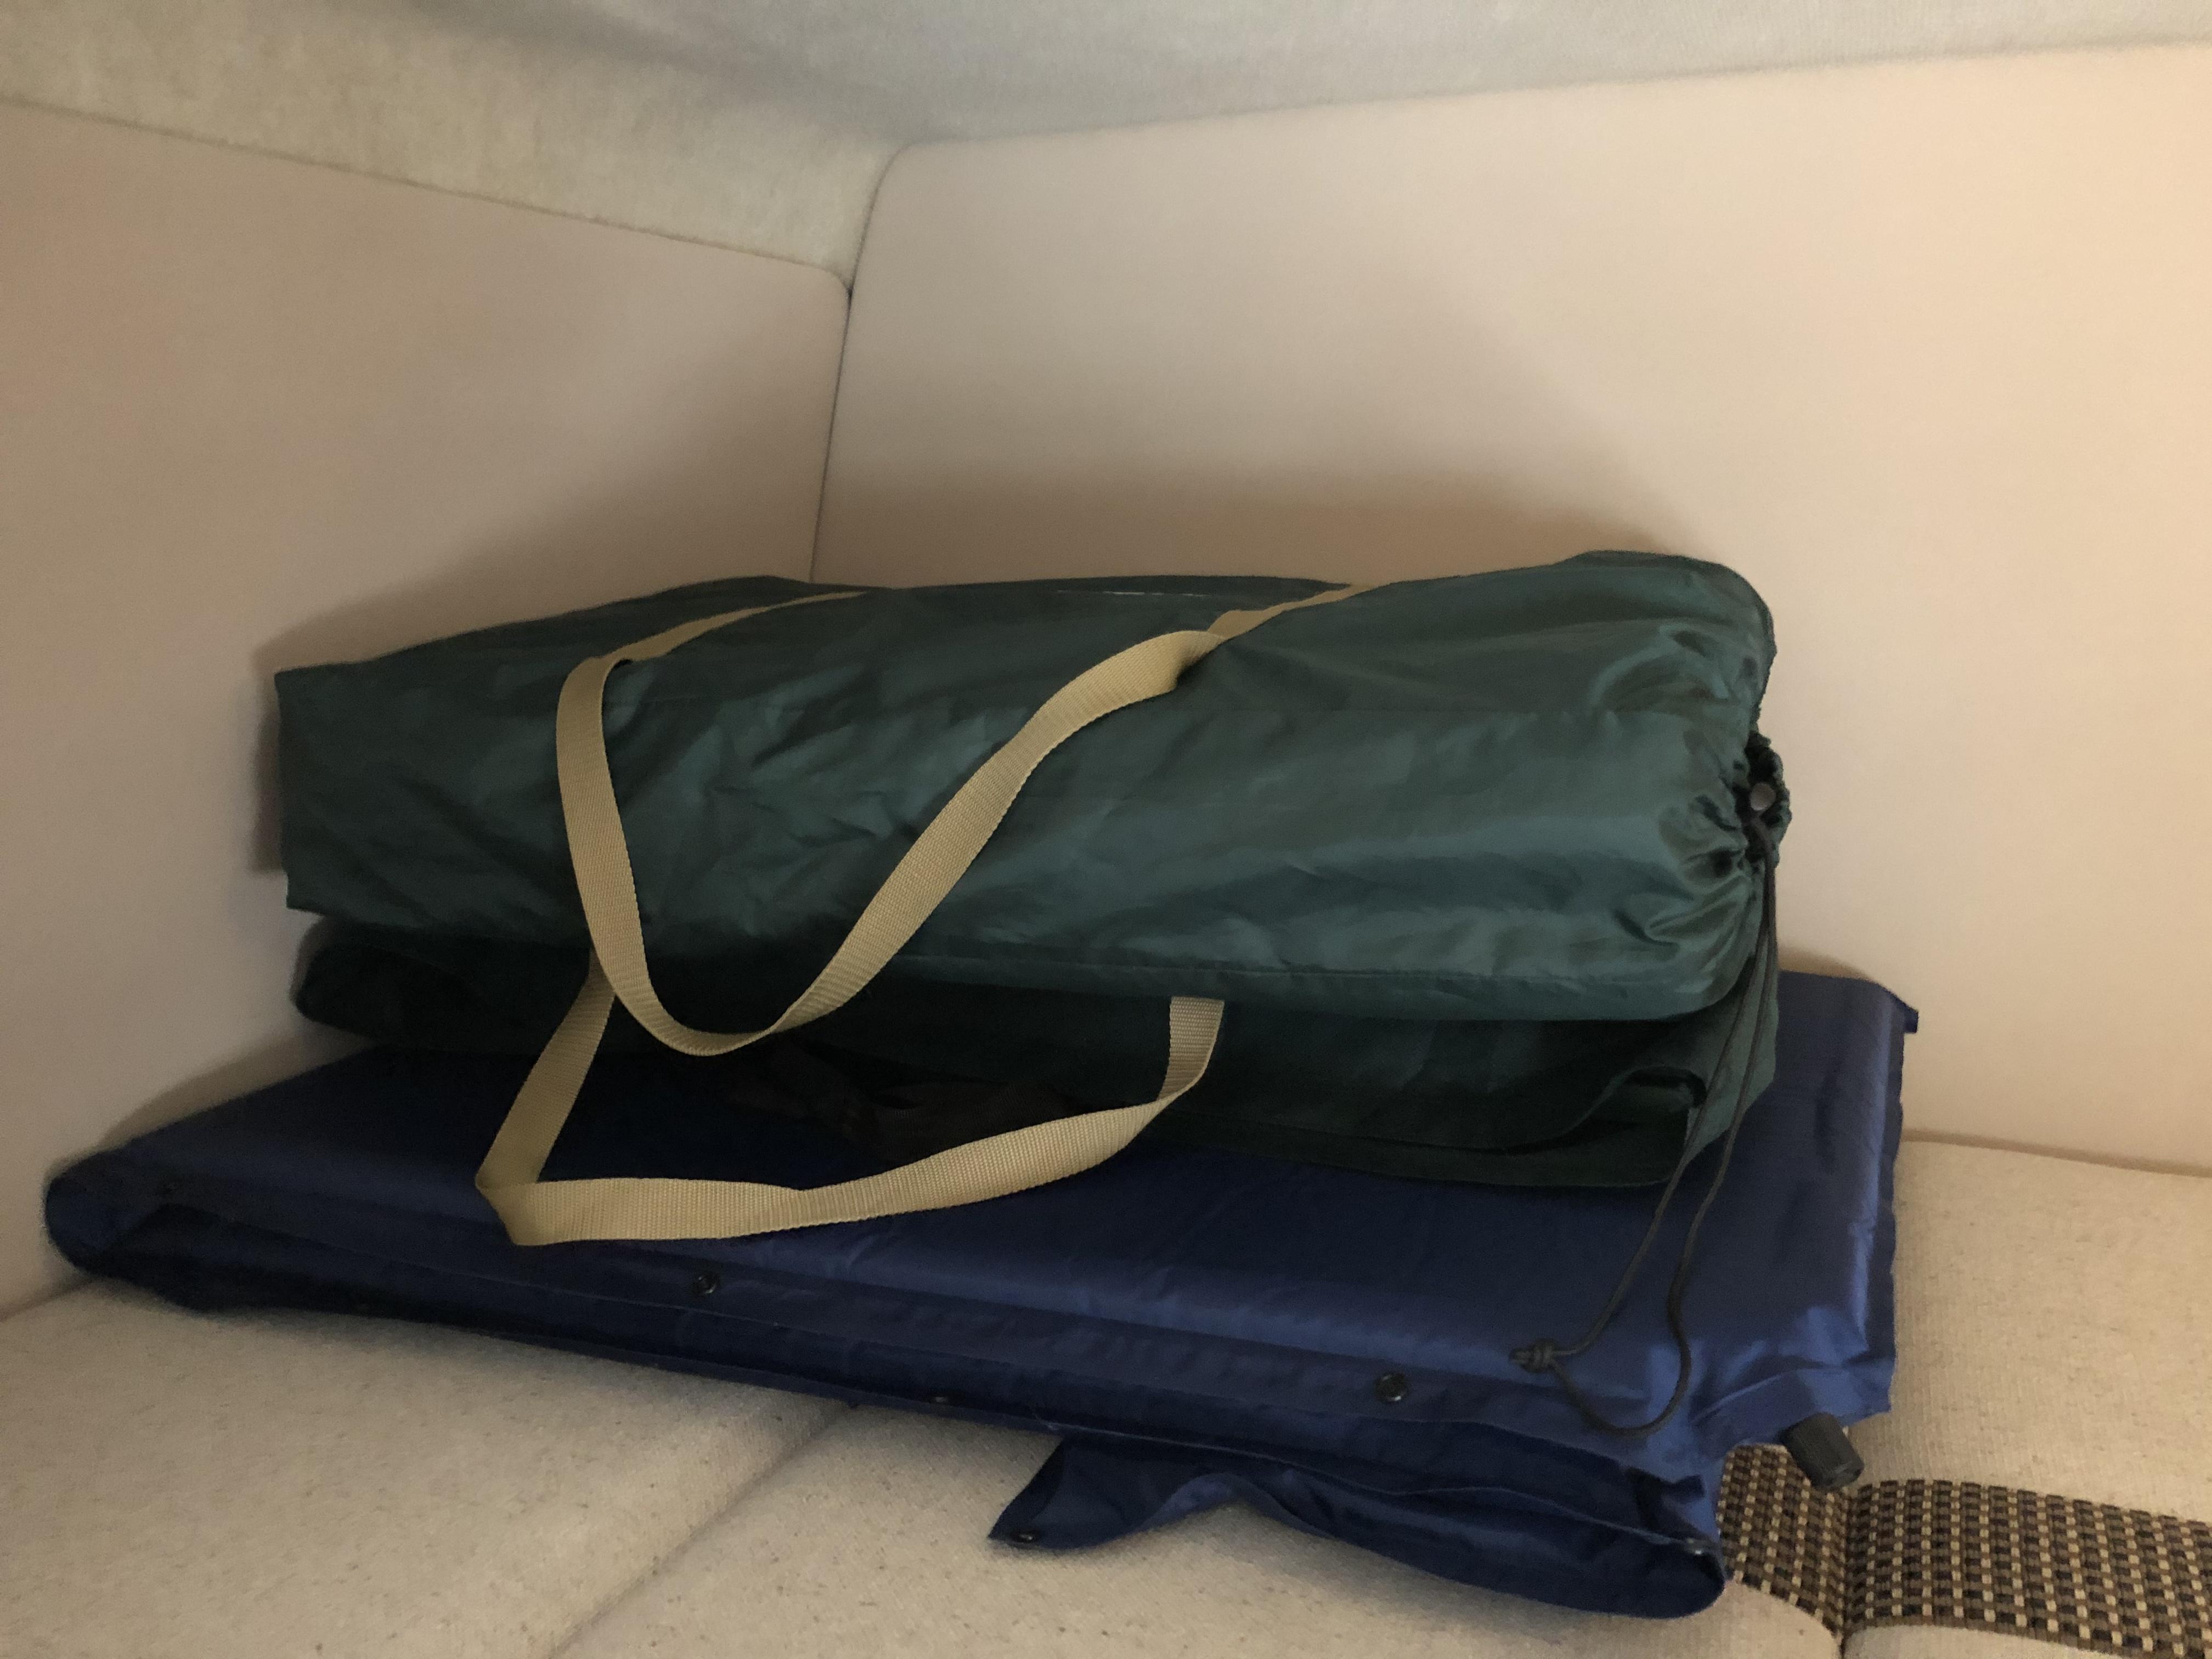 車内備品 マット3枚 シーツや寝袋をご持参下さい。